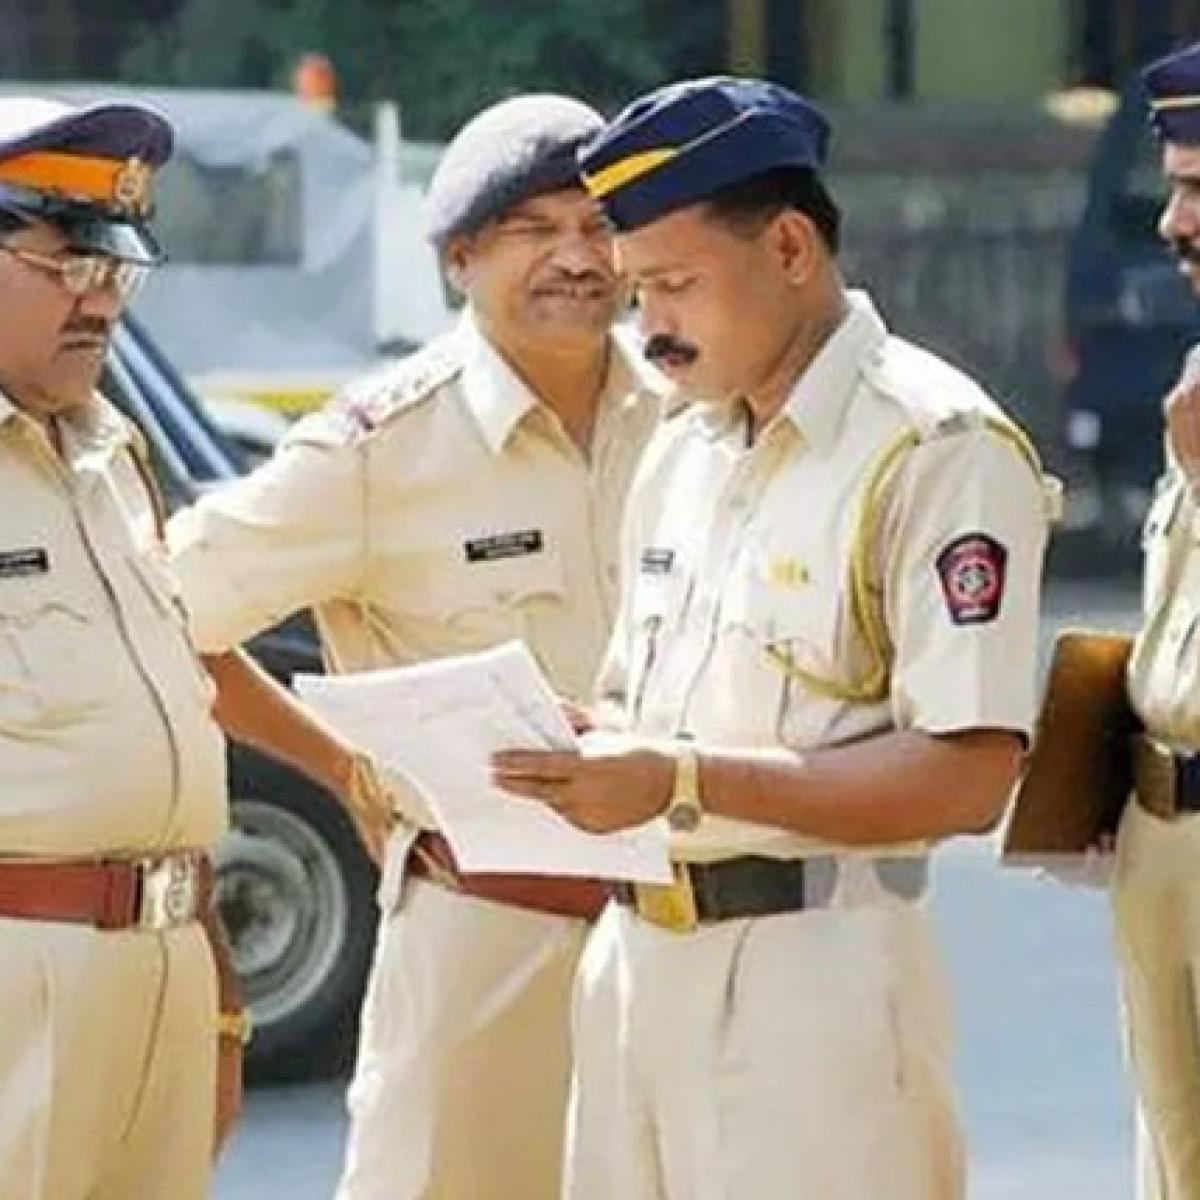 Four 5-star hotels in Mumbai receive bomb threat from Lashkar-e-Taiba